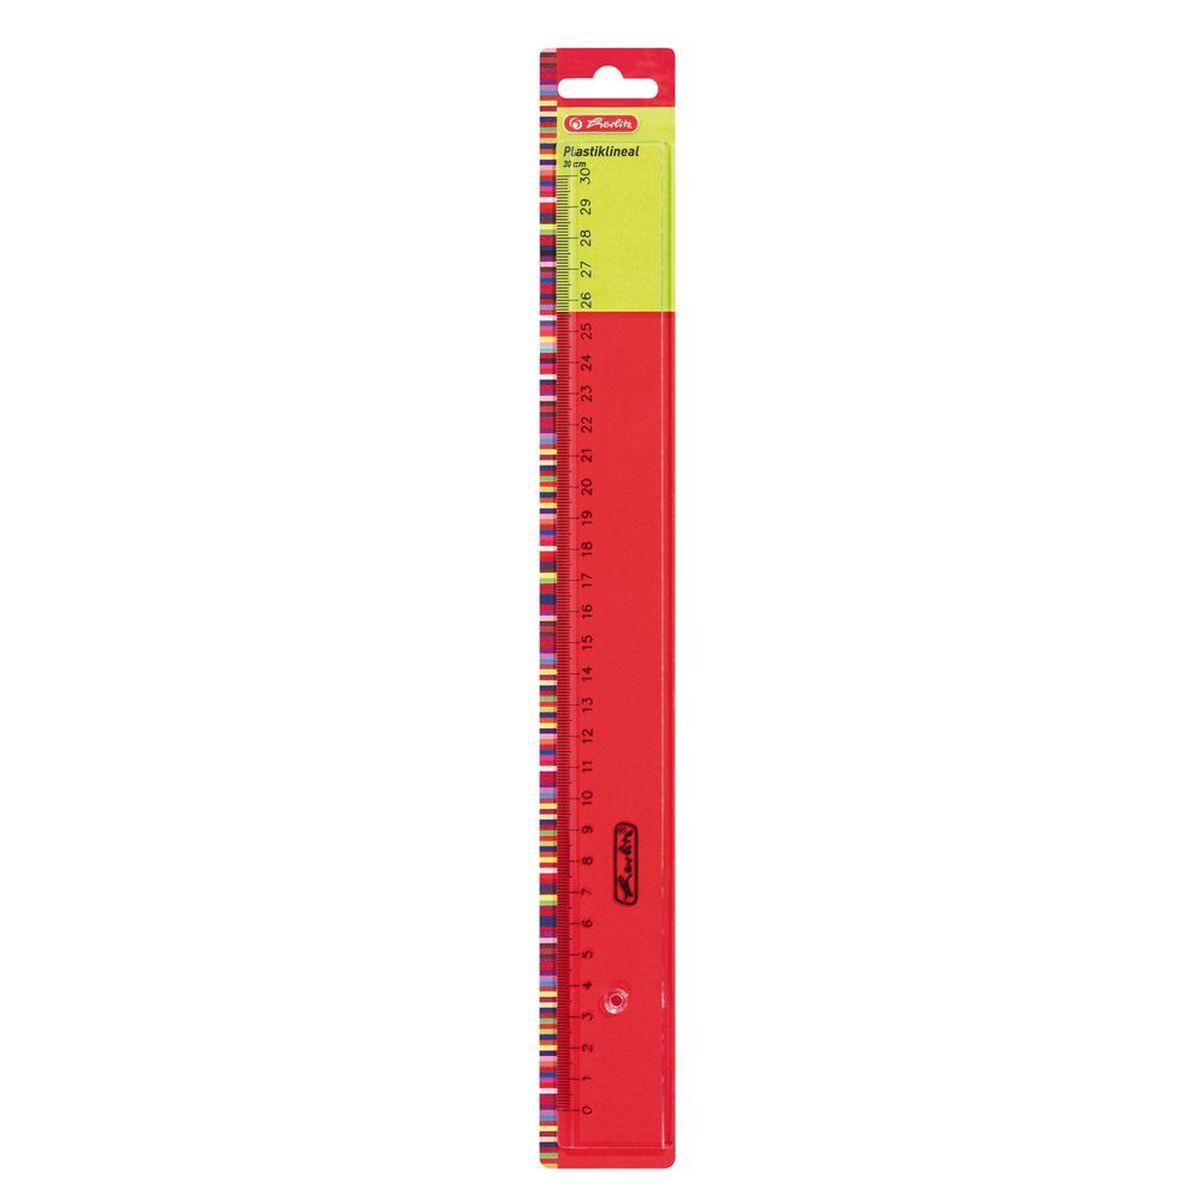 Herlitz Линейка 30 см цвет прозрачный730396Линейка от Herlitz с делениями на 30 см выполнена из прозрачного пластика и обладает четкой миллиметровой шкалой делений.Линейка удобна для измерения длины и черчения, устойчива к деформациям.Линейка от Herlitz идеально подойдет для любого школьника или офисного работника.